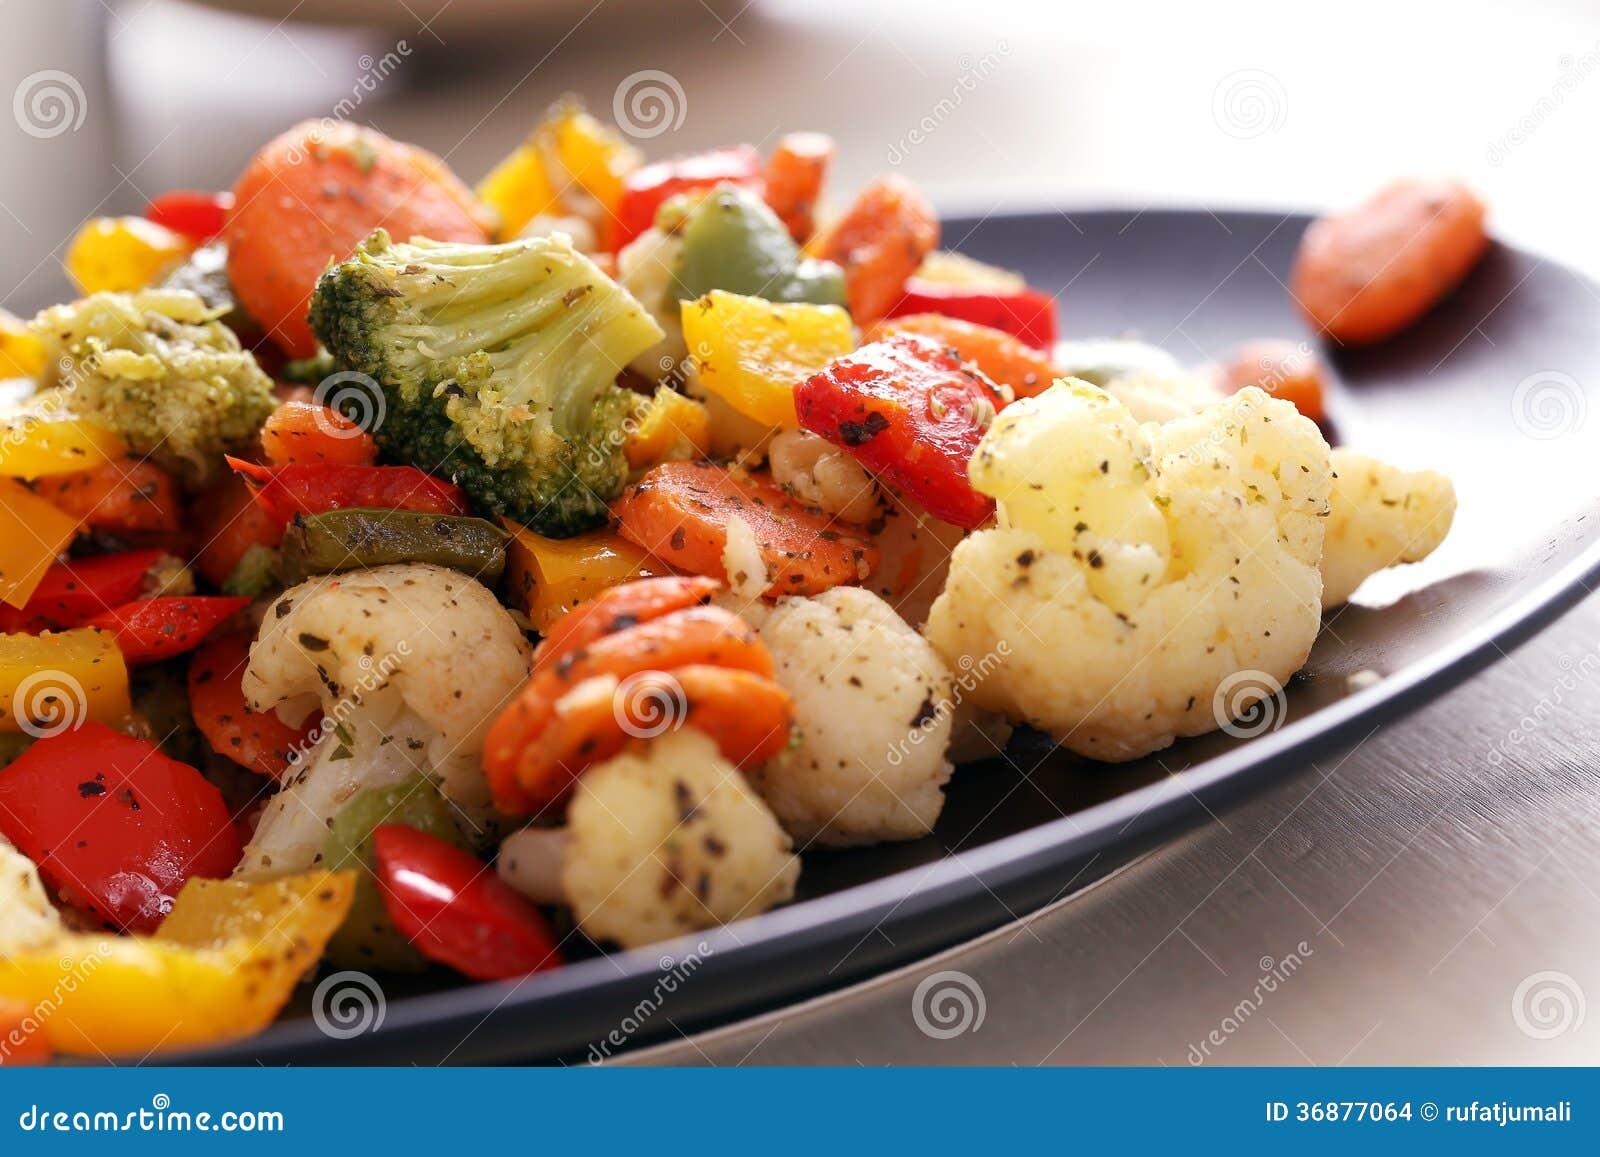 Download I Verdi Deliziosi Risiedono Nella Tazza Sulla Tavola Fotografia Stock - Immagine di cottura, frutta: 36877064